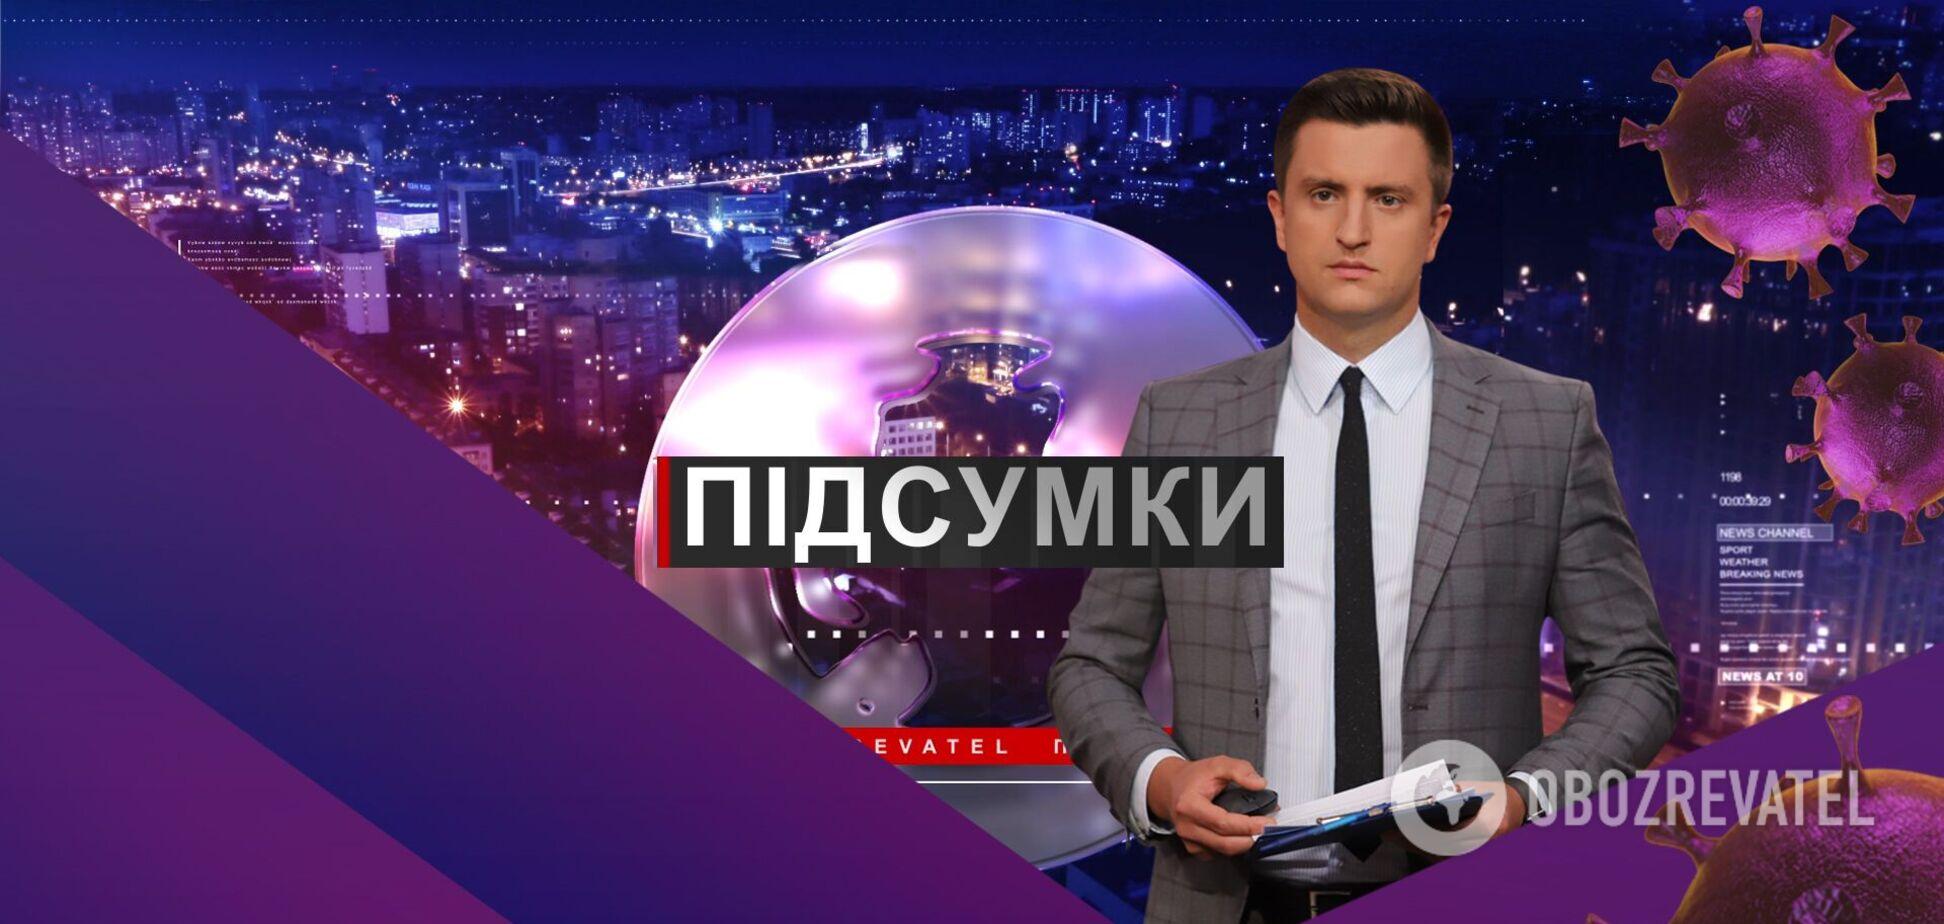 Підсумки дня з Вадимом Колодійчуком. Середа, 9 грудня